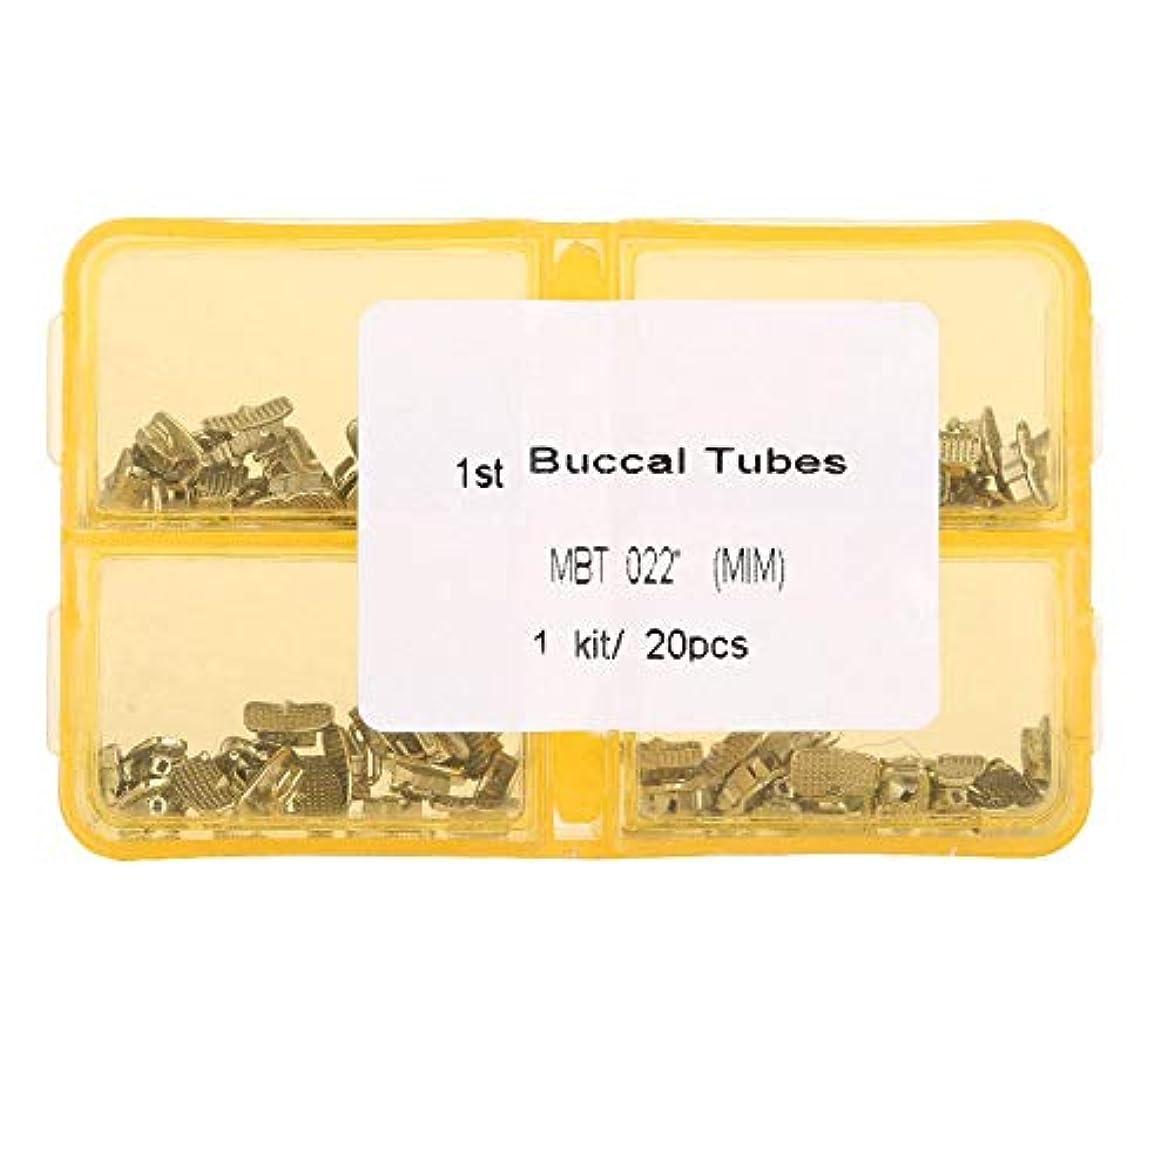 鈍い混合した禁止するNitrip 歯科矯正チューブ 第1臼歯 ロスシングルバッカルチューブ ステンレス 80pcs